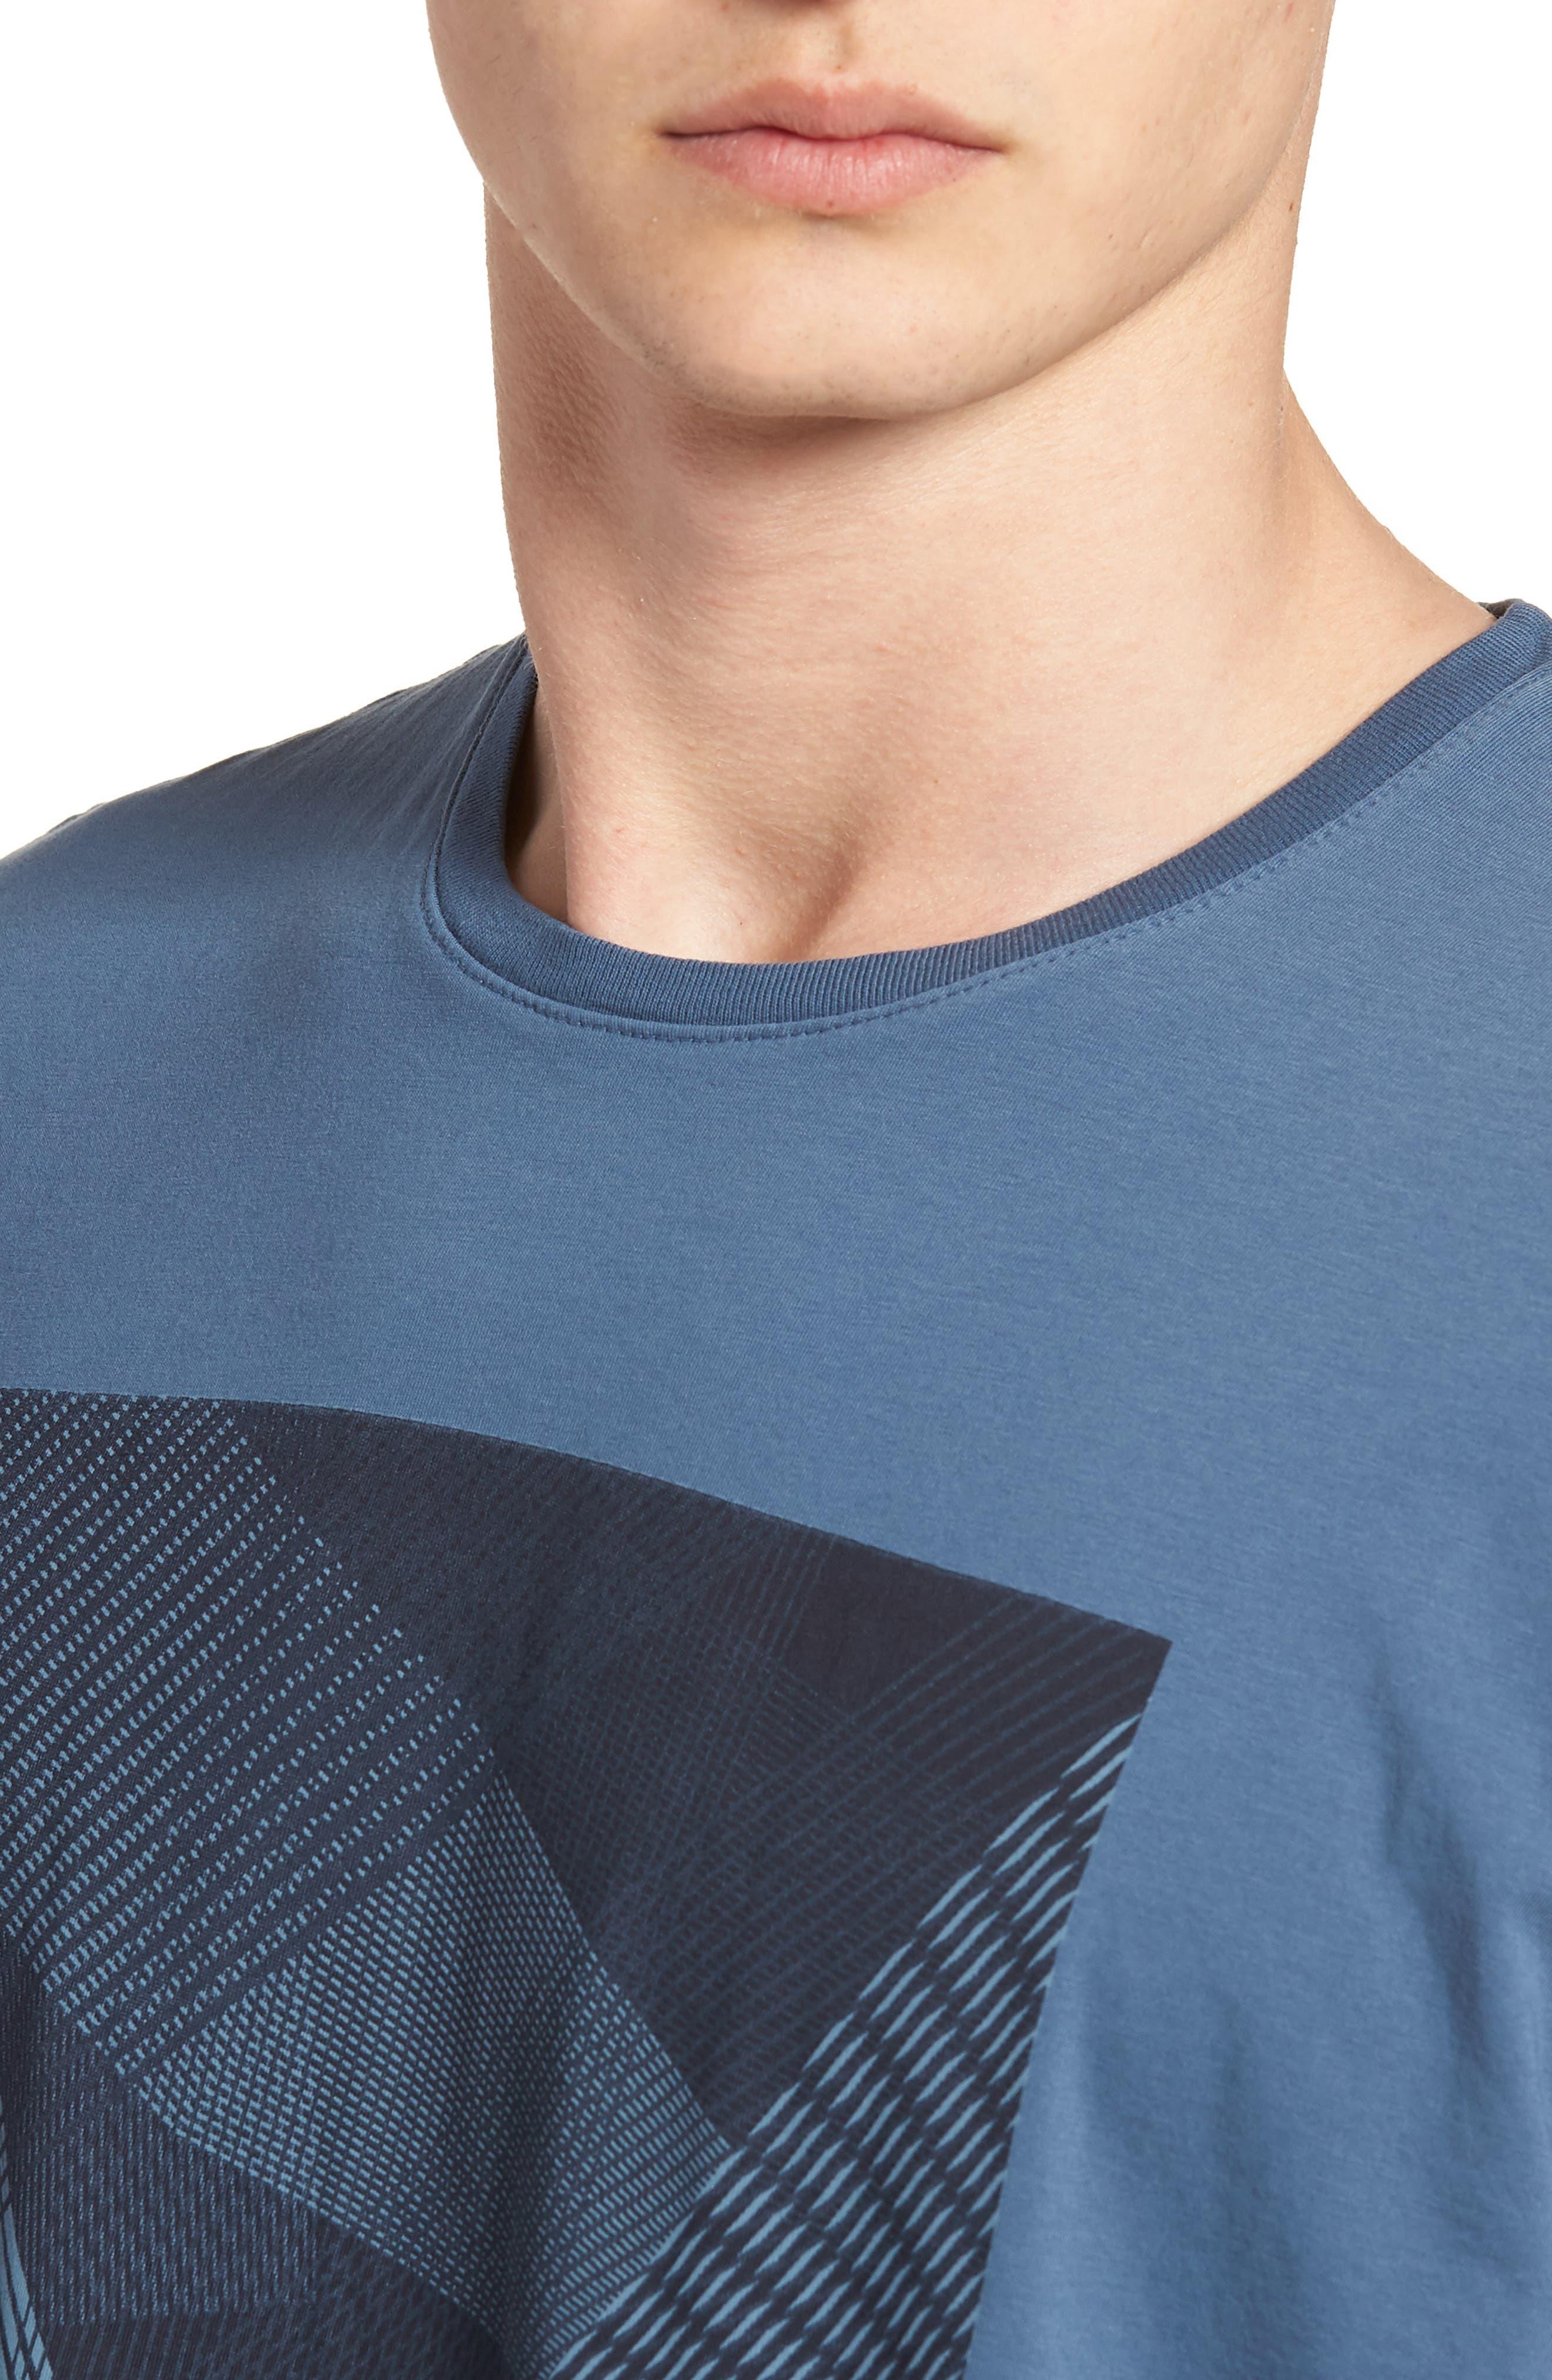 Line Matrix Graphic T-Shirt,                             Alternate thumbnail 4, color,                             400